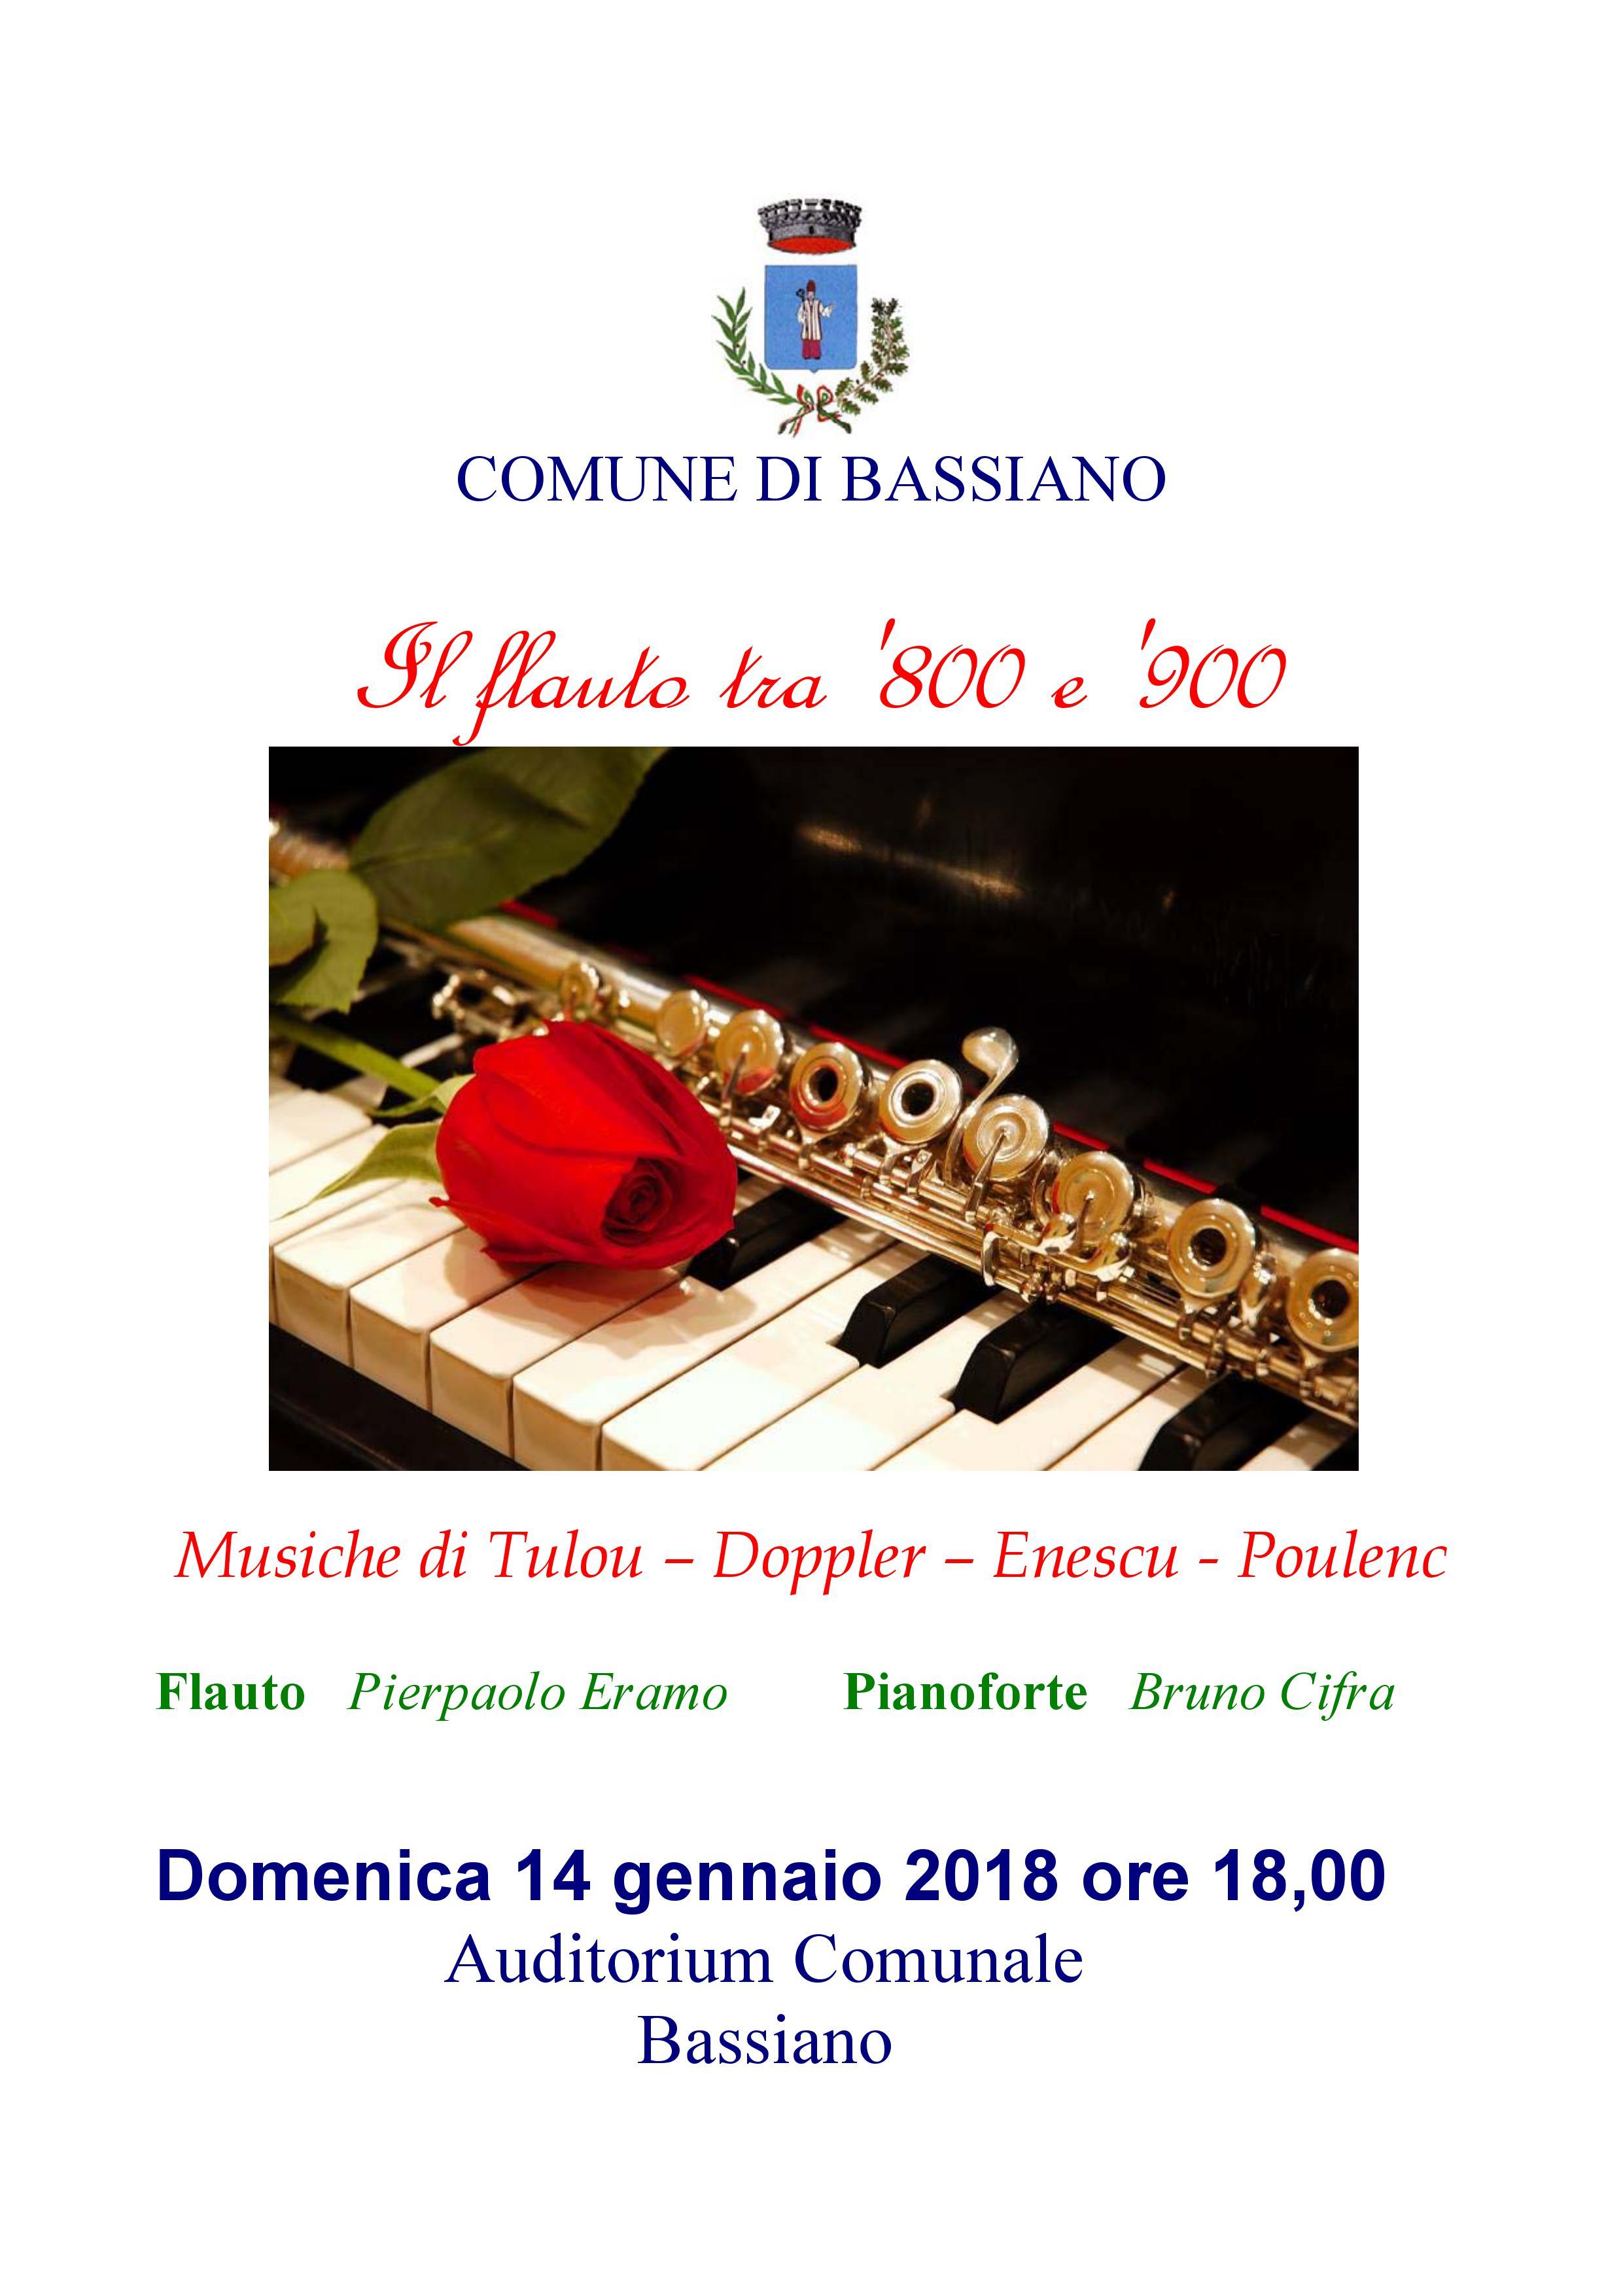 IL FLAUTO TRA  '800 E '900 - DOMENICA 14 GENNAIO 2018 ORE 18:00 AUDITORIUM COMUNALE